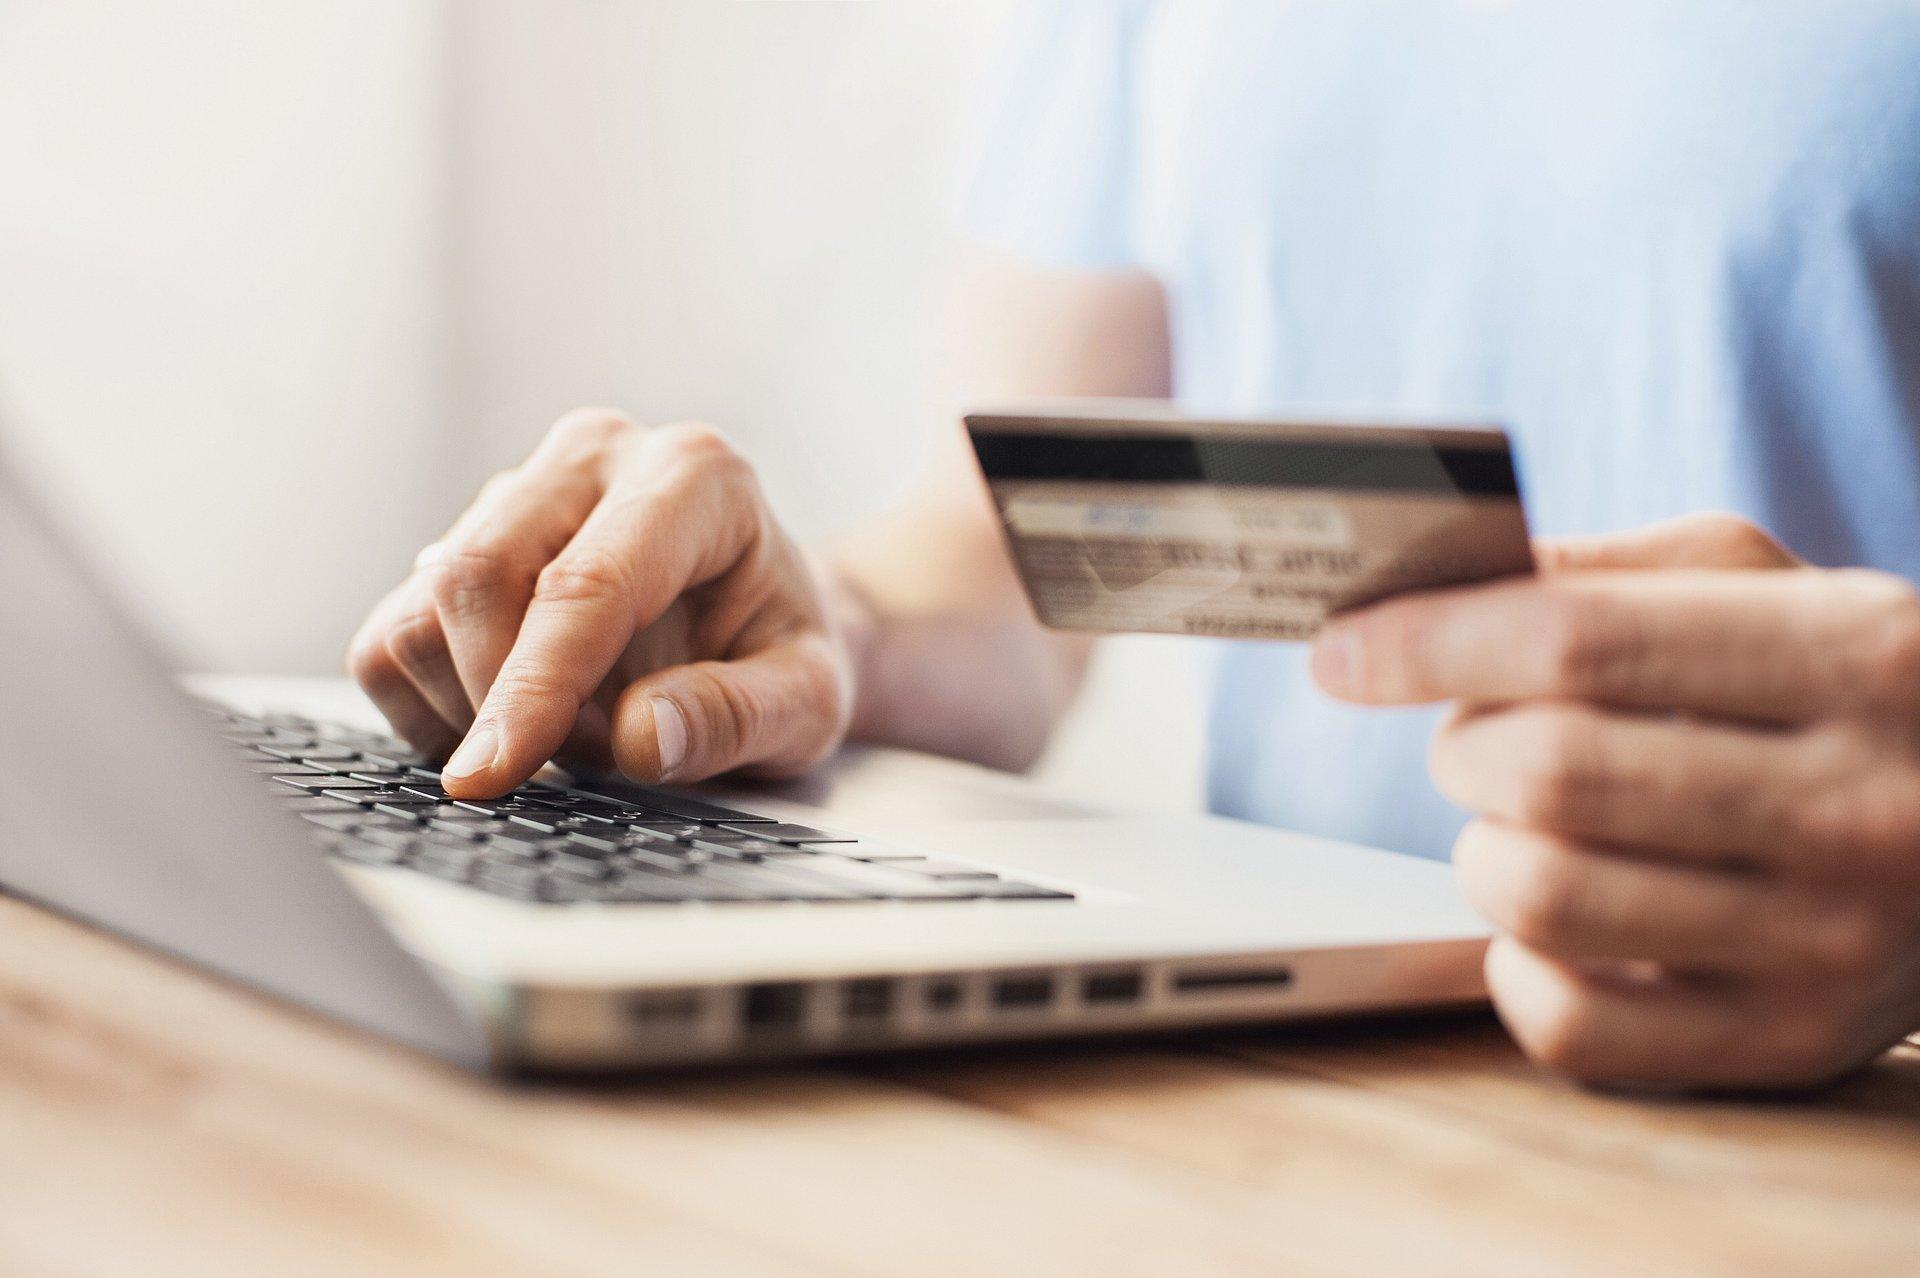 Karta, która łączy wszystkie kredyty. Jest za darmo